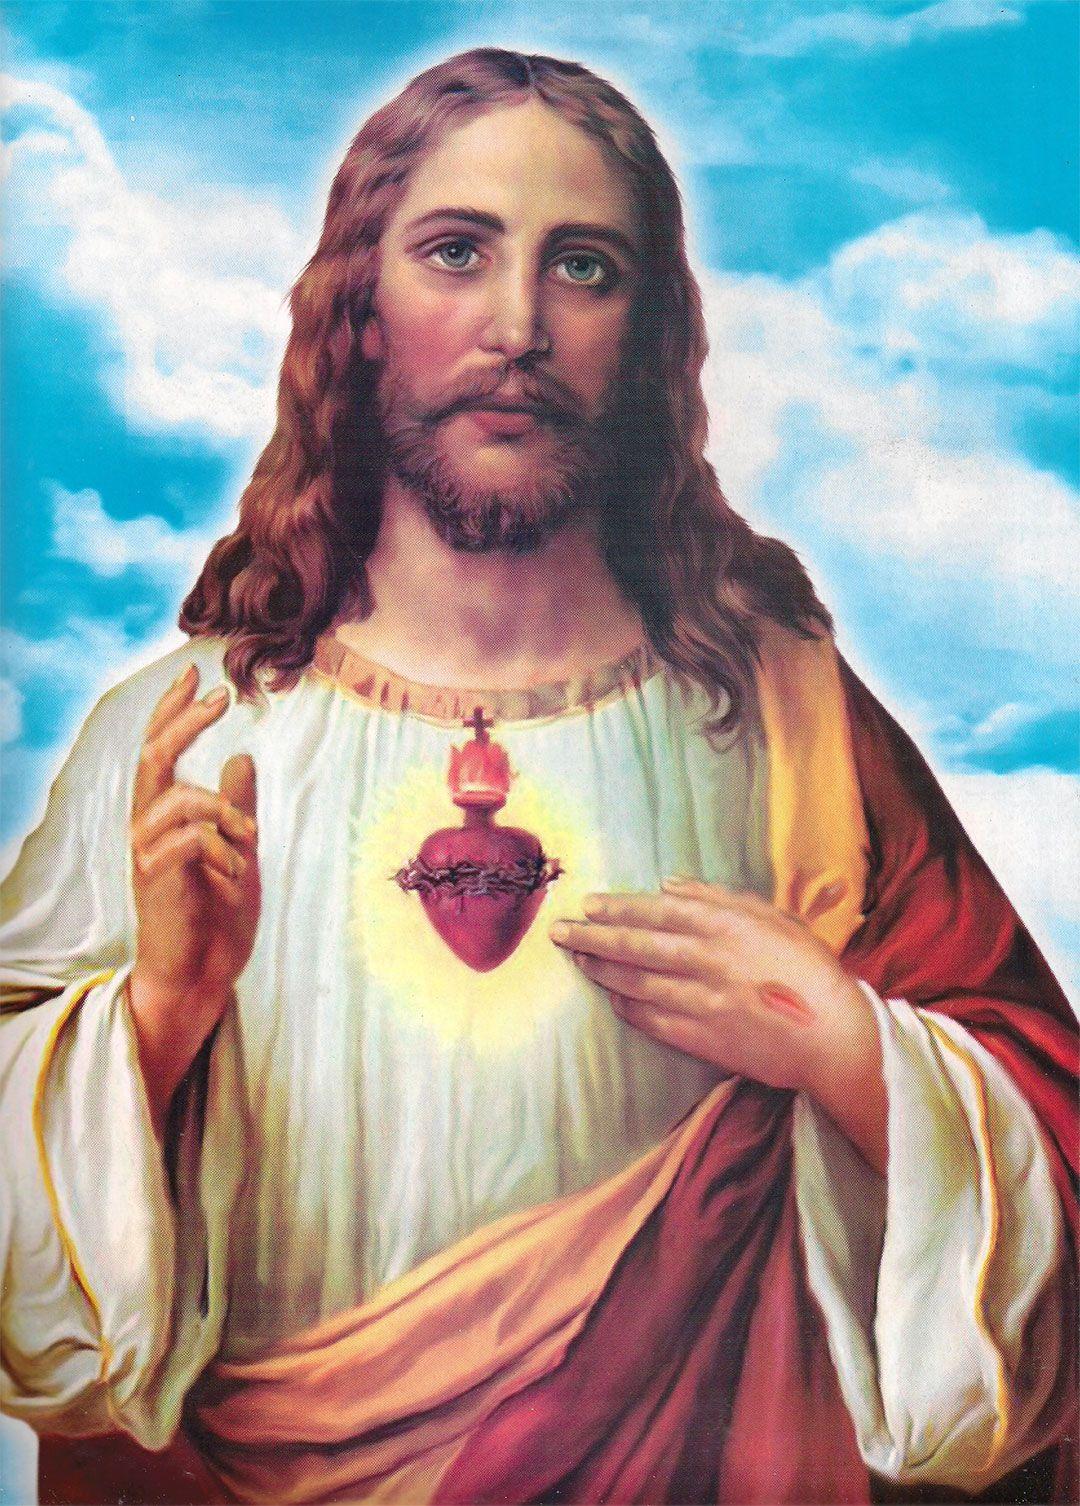 imagen de jesus - HD1080×1506